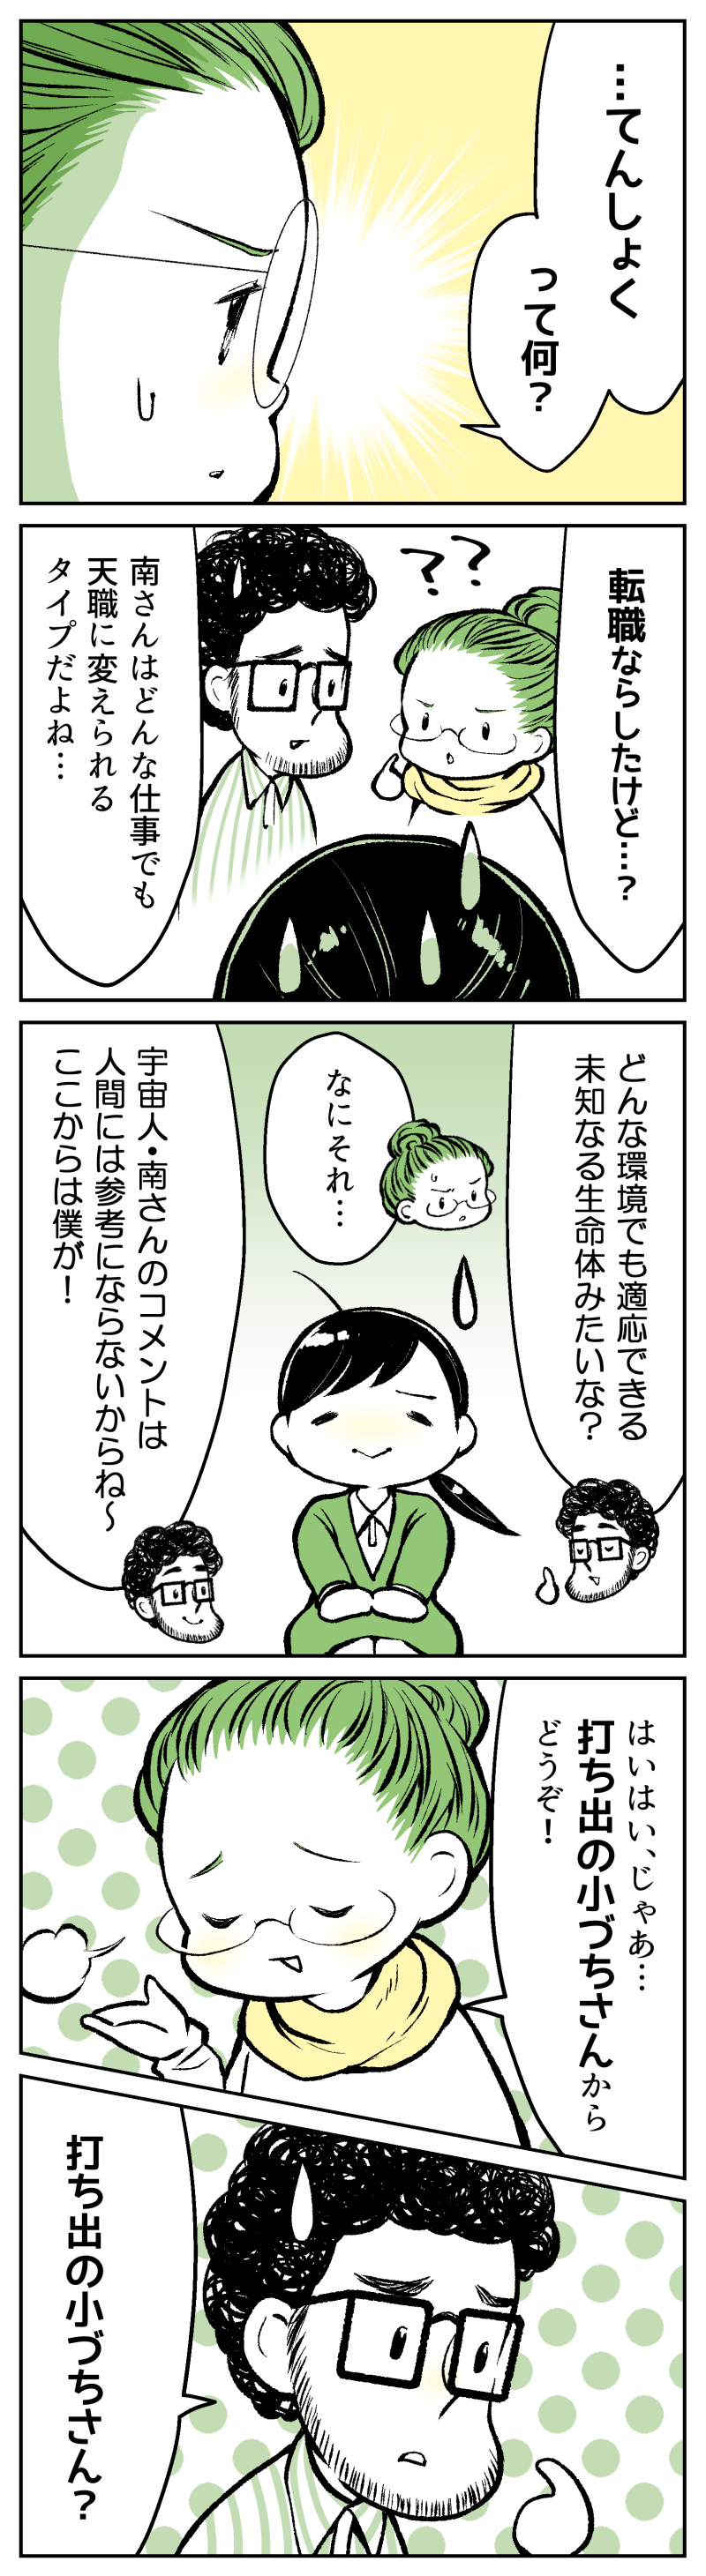 伯爵3話_002.jpg